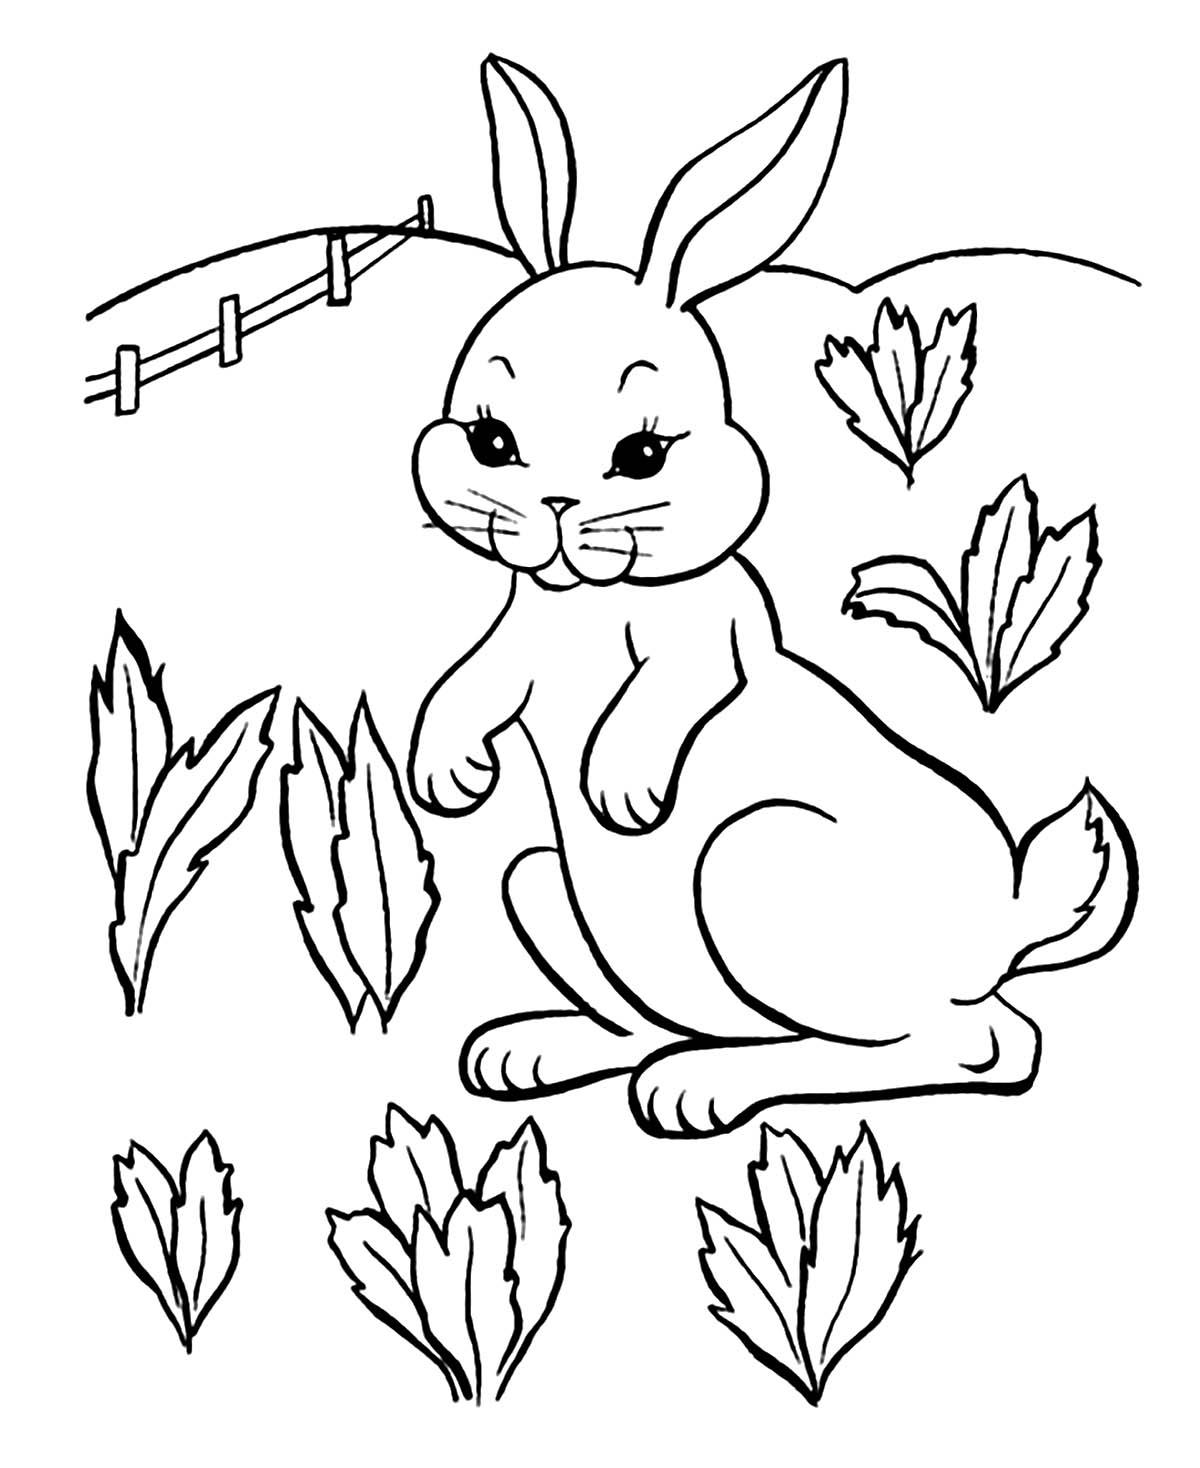 Ce lapin est sur le point de se régaler dans le champ de carottes.